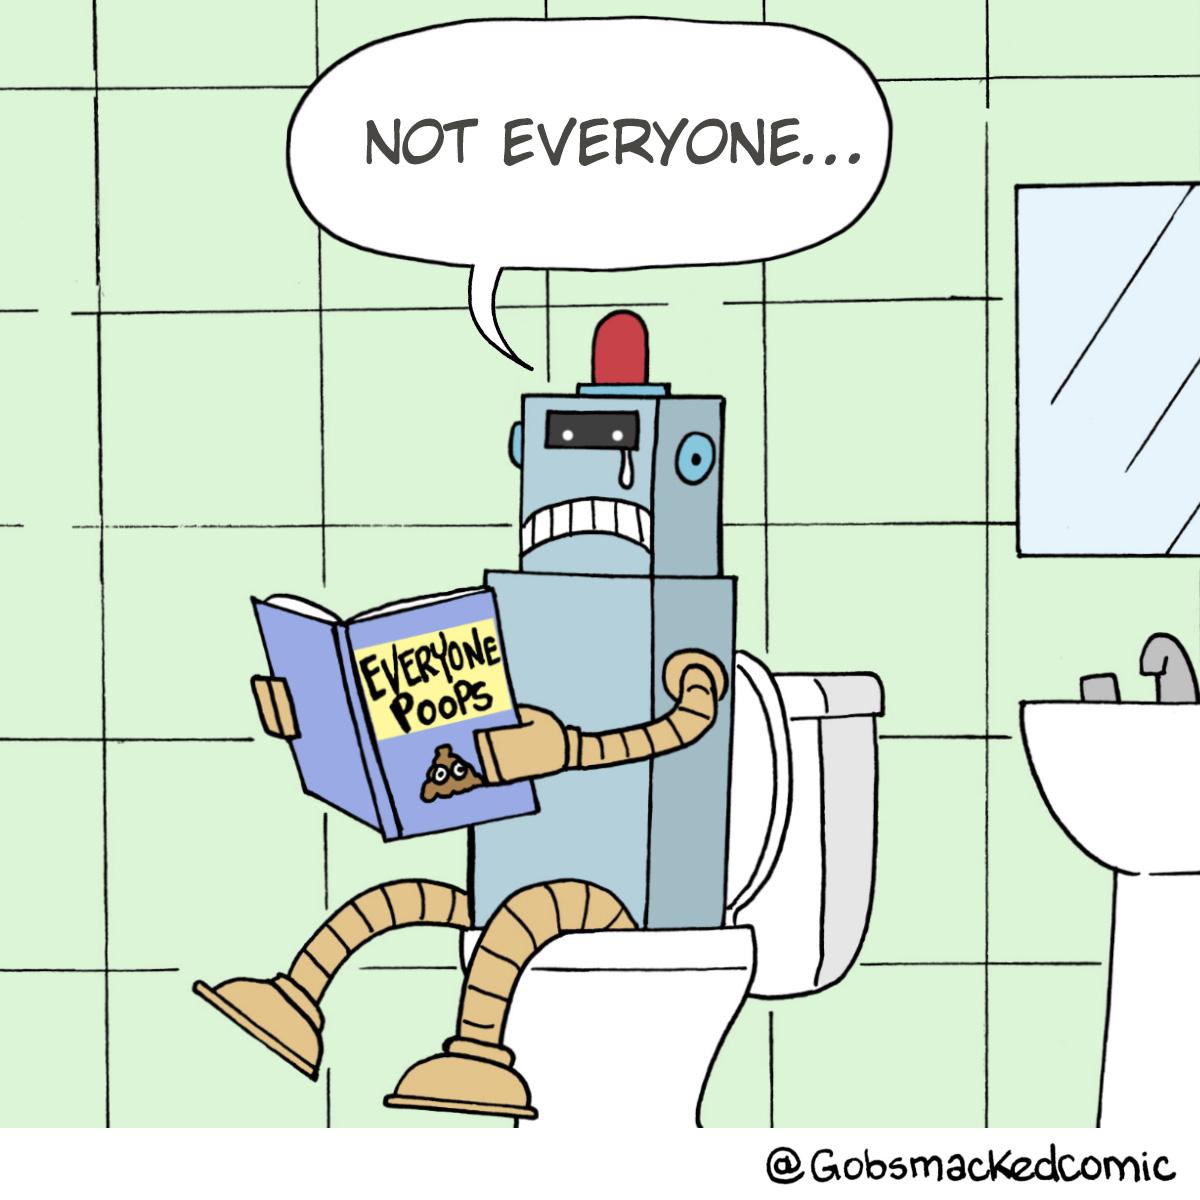 Not Everyone Poops